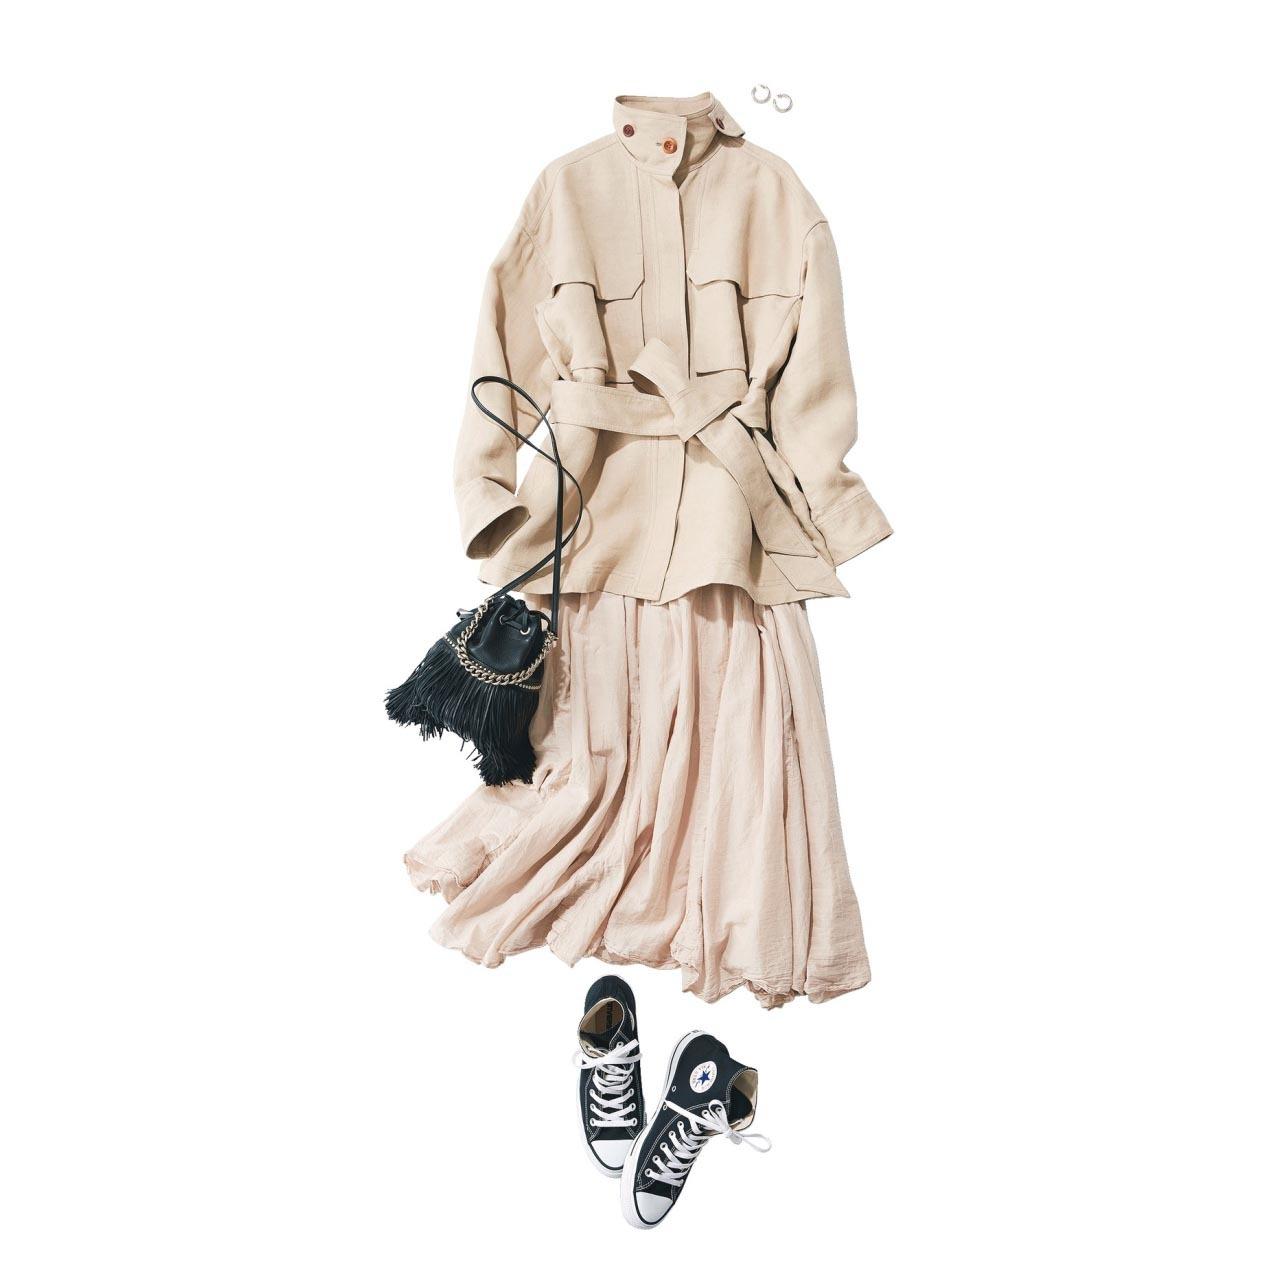 ■ベージュのジャケット×ベージュのスカート×ハイカットスニーカーコーデ